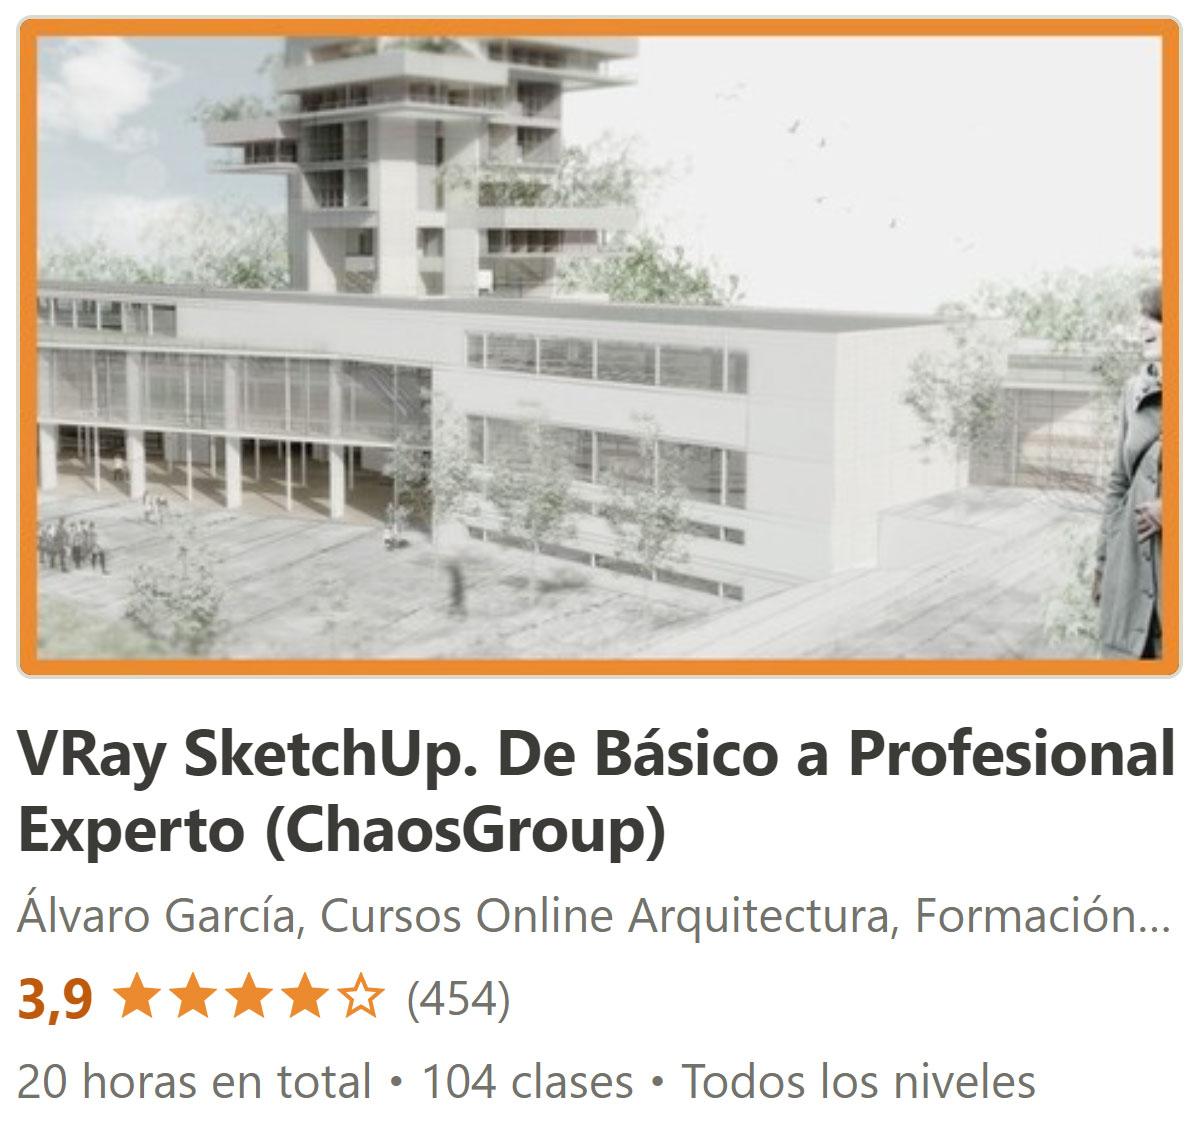 VRay SketchUp. De Básico a Profesional Experto (ChaosGroup)